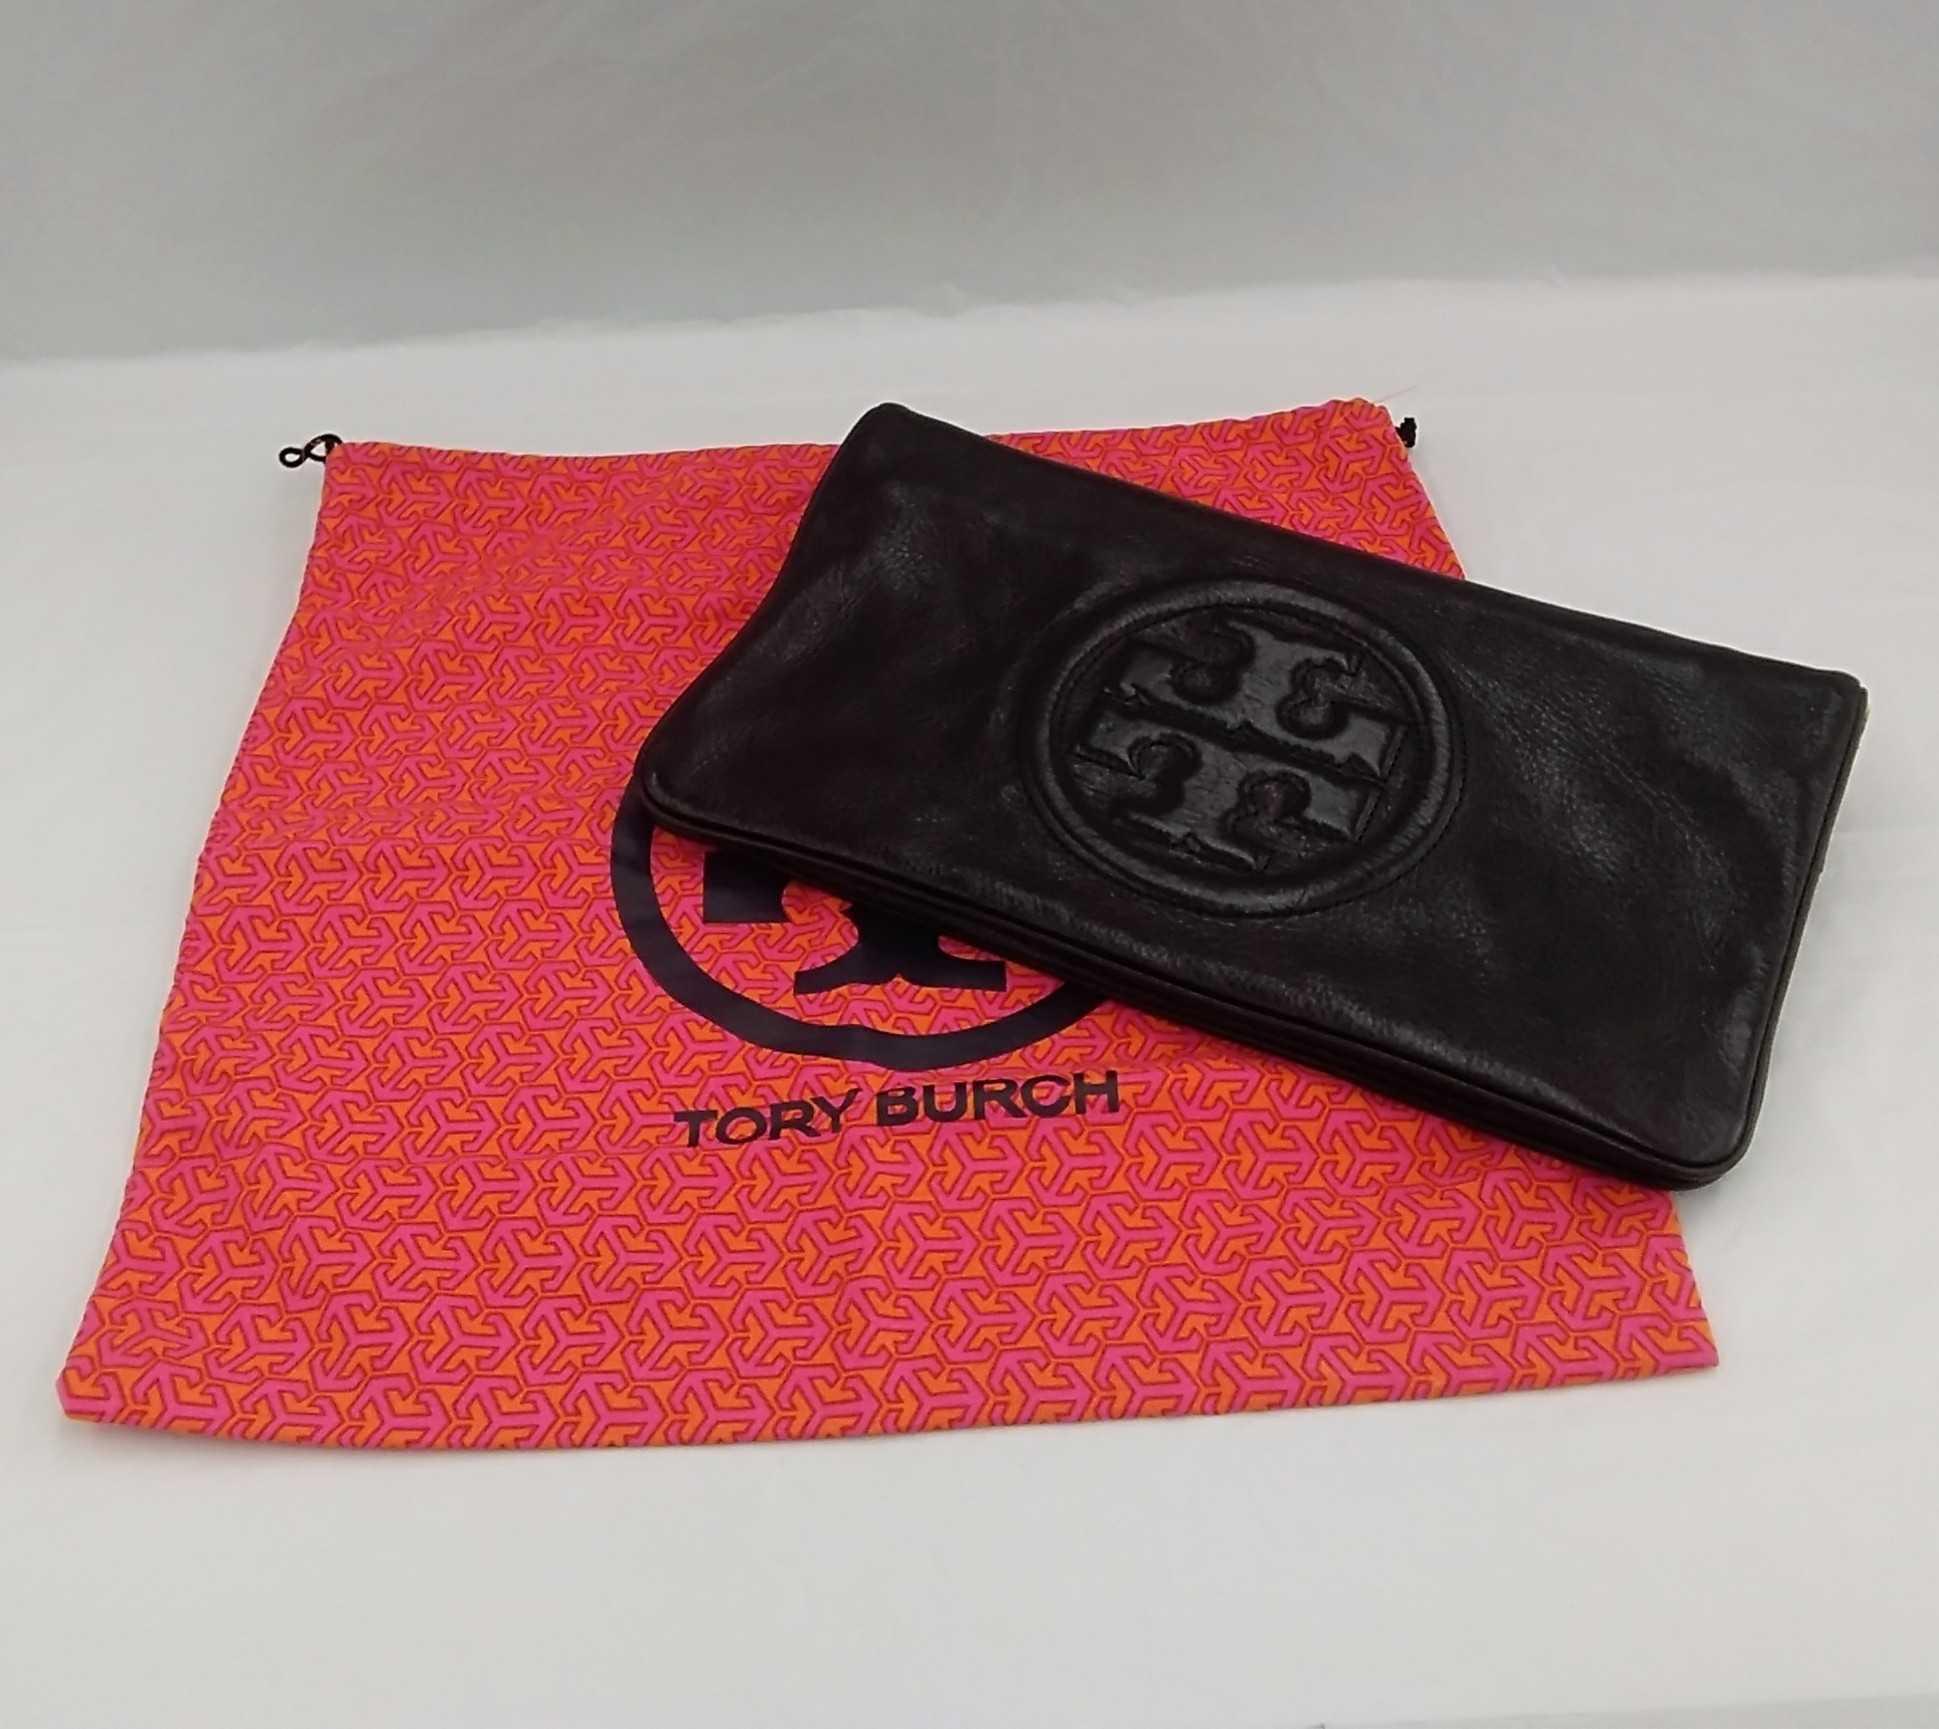 クラッチバック|TORY BURCH